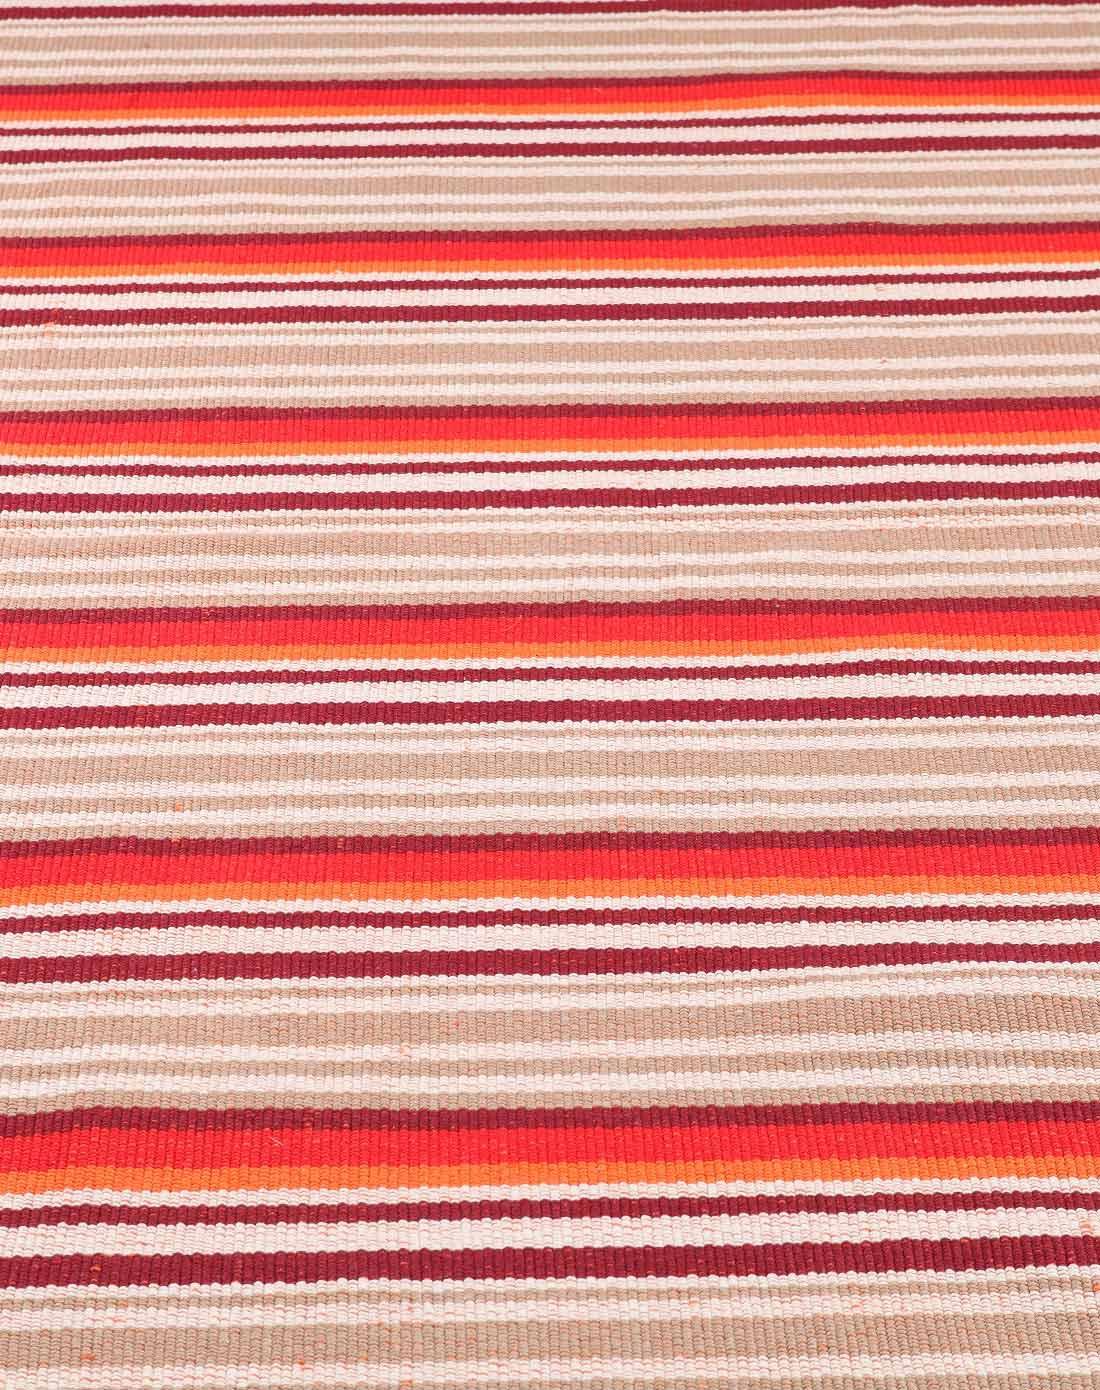 luxman家具专场栎棐全棉手工彩条地毯vdt51009